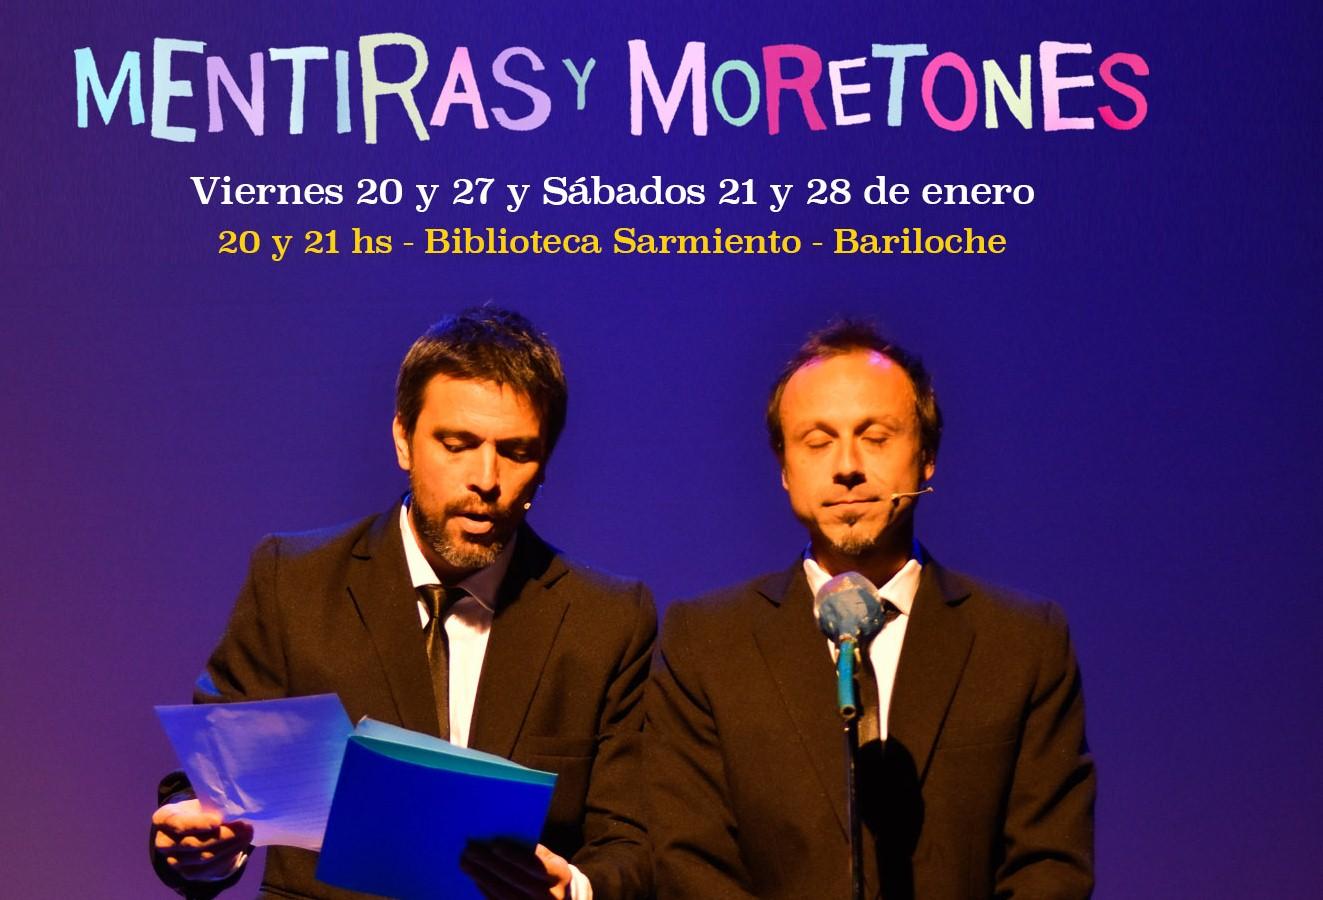 Mentiras y Moretones de Pablo Bernasconi, en la Biblioteca Sarmiento